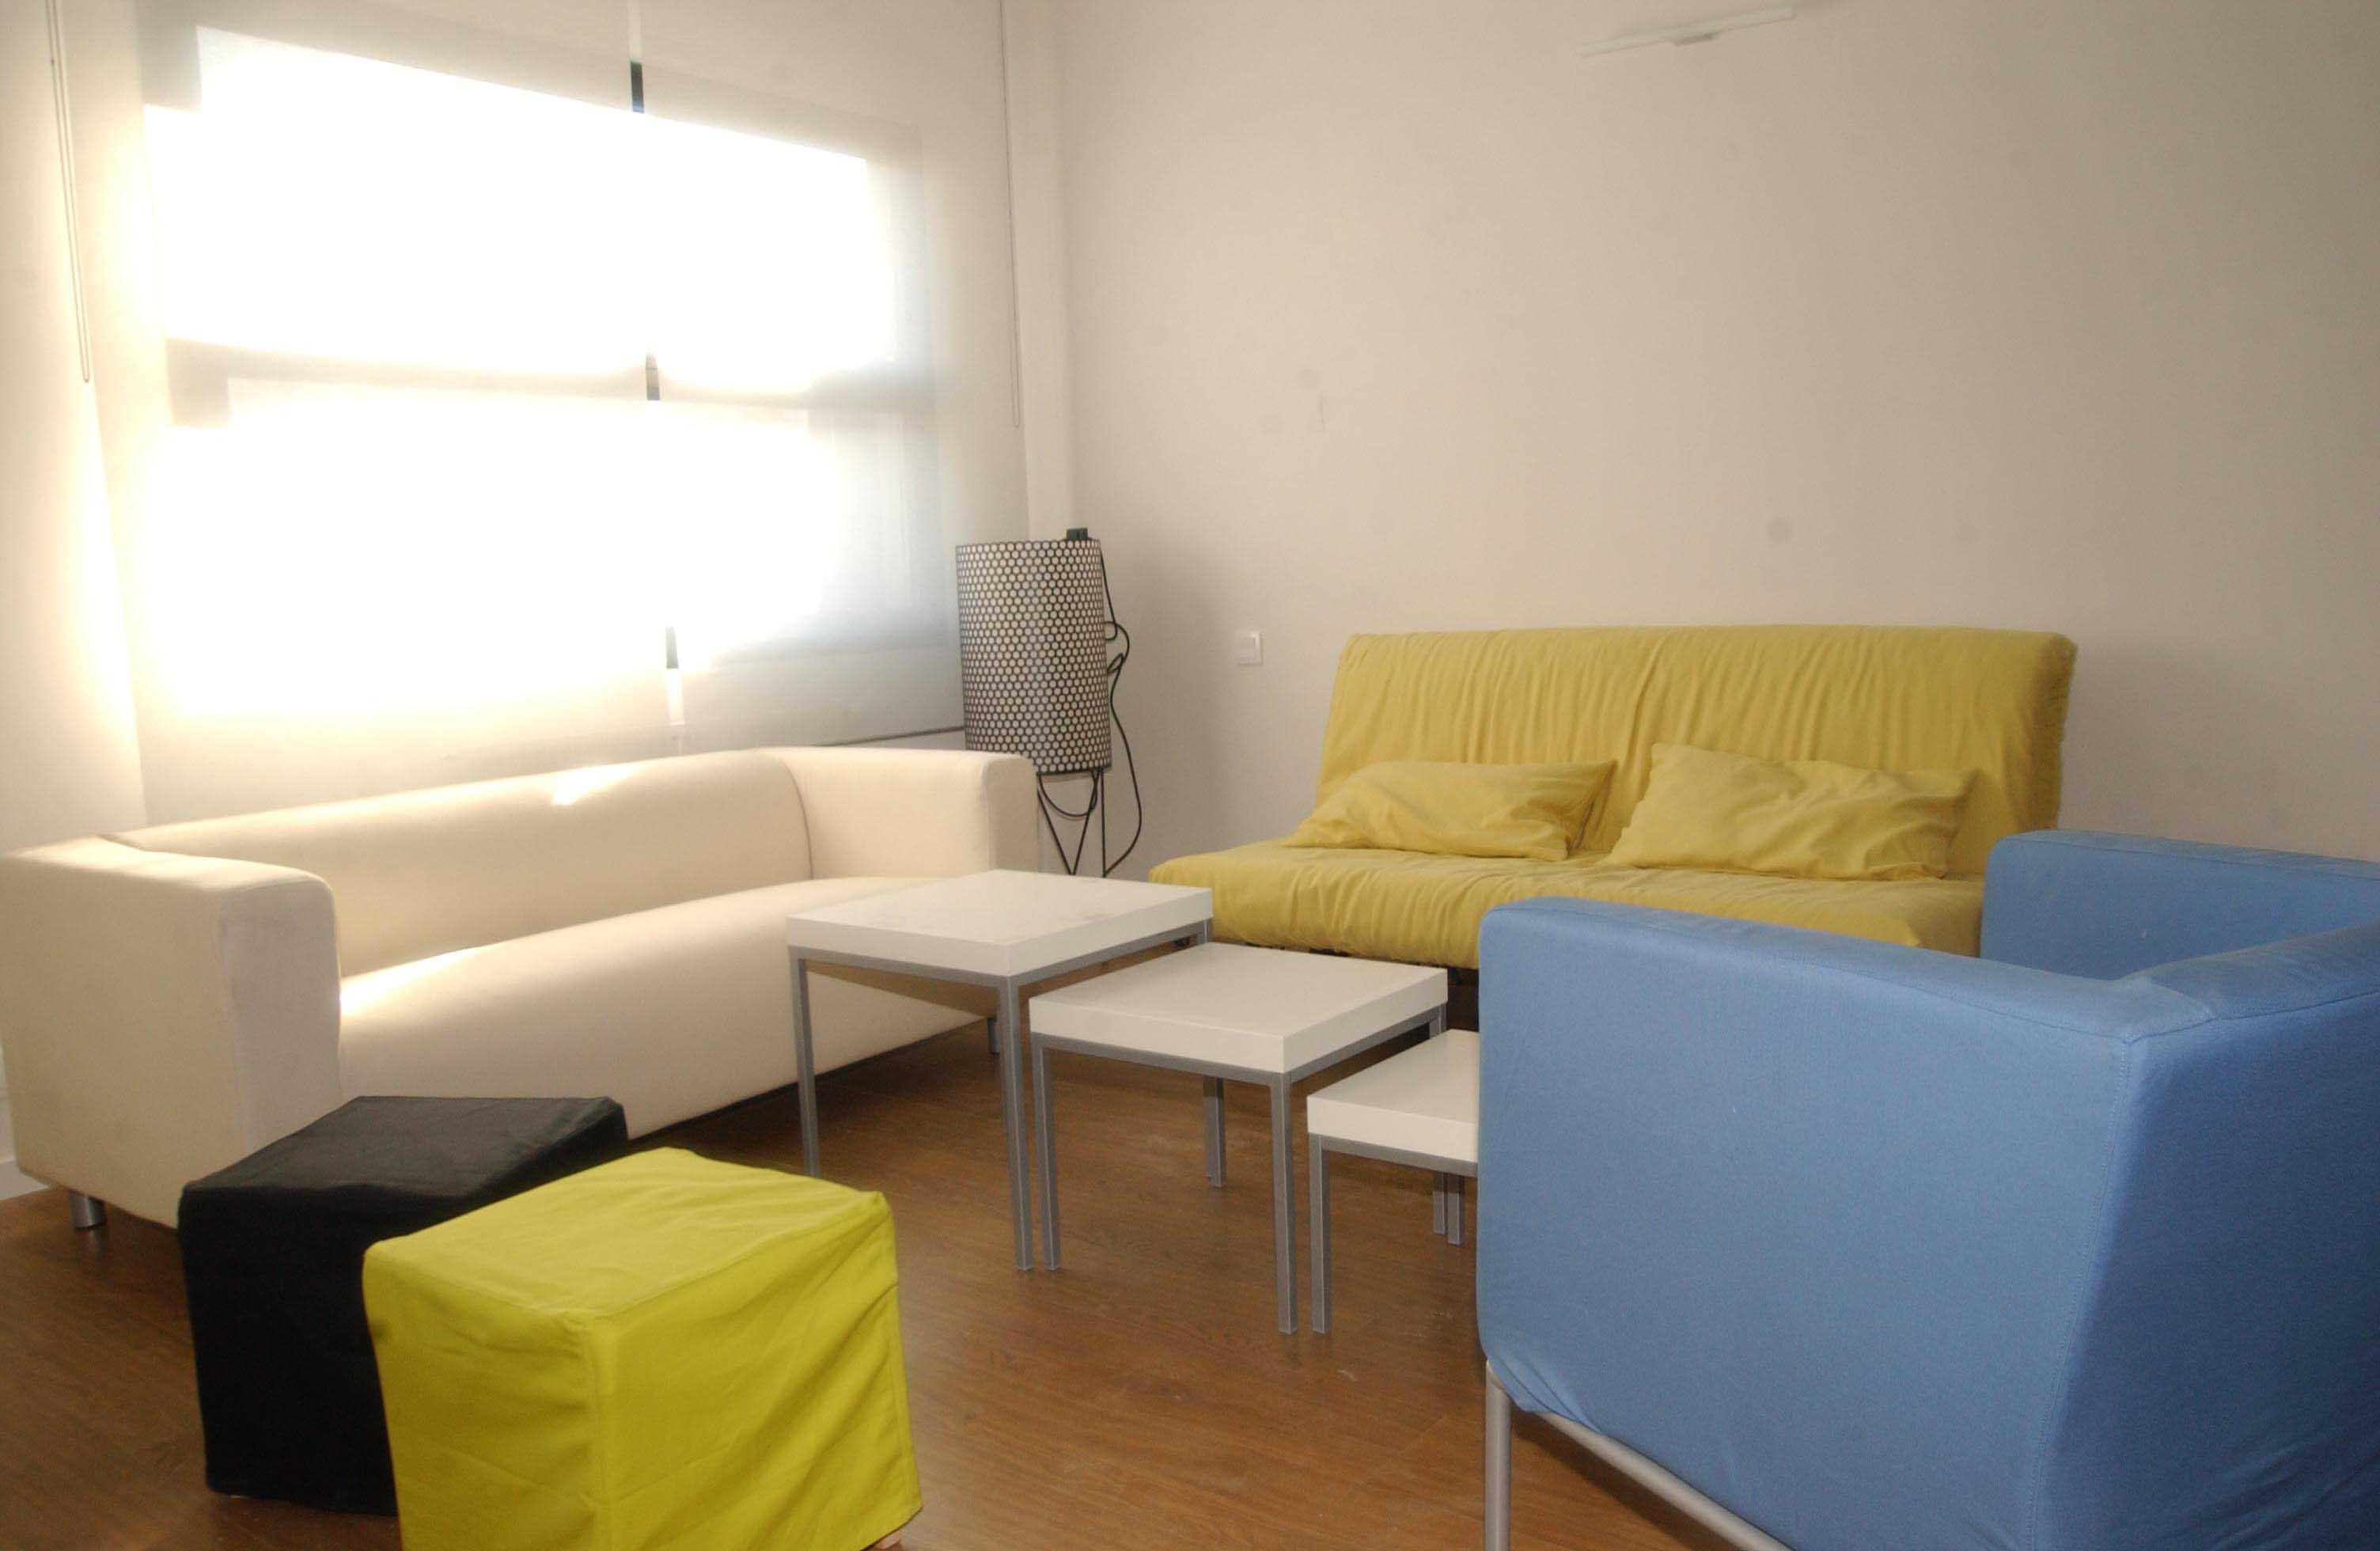 La agencia de alquiler se consolida ayuntamiento de madrid for Agencias de alquiler de pisos